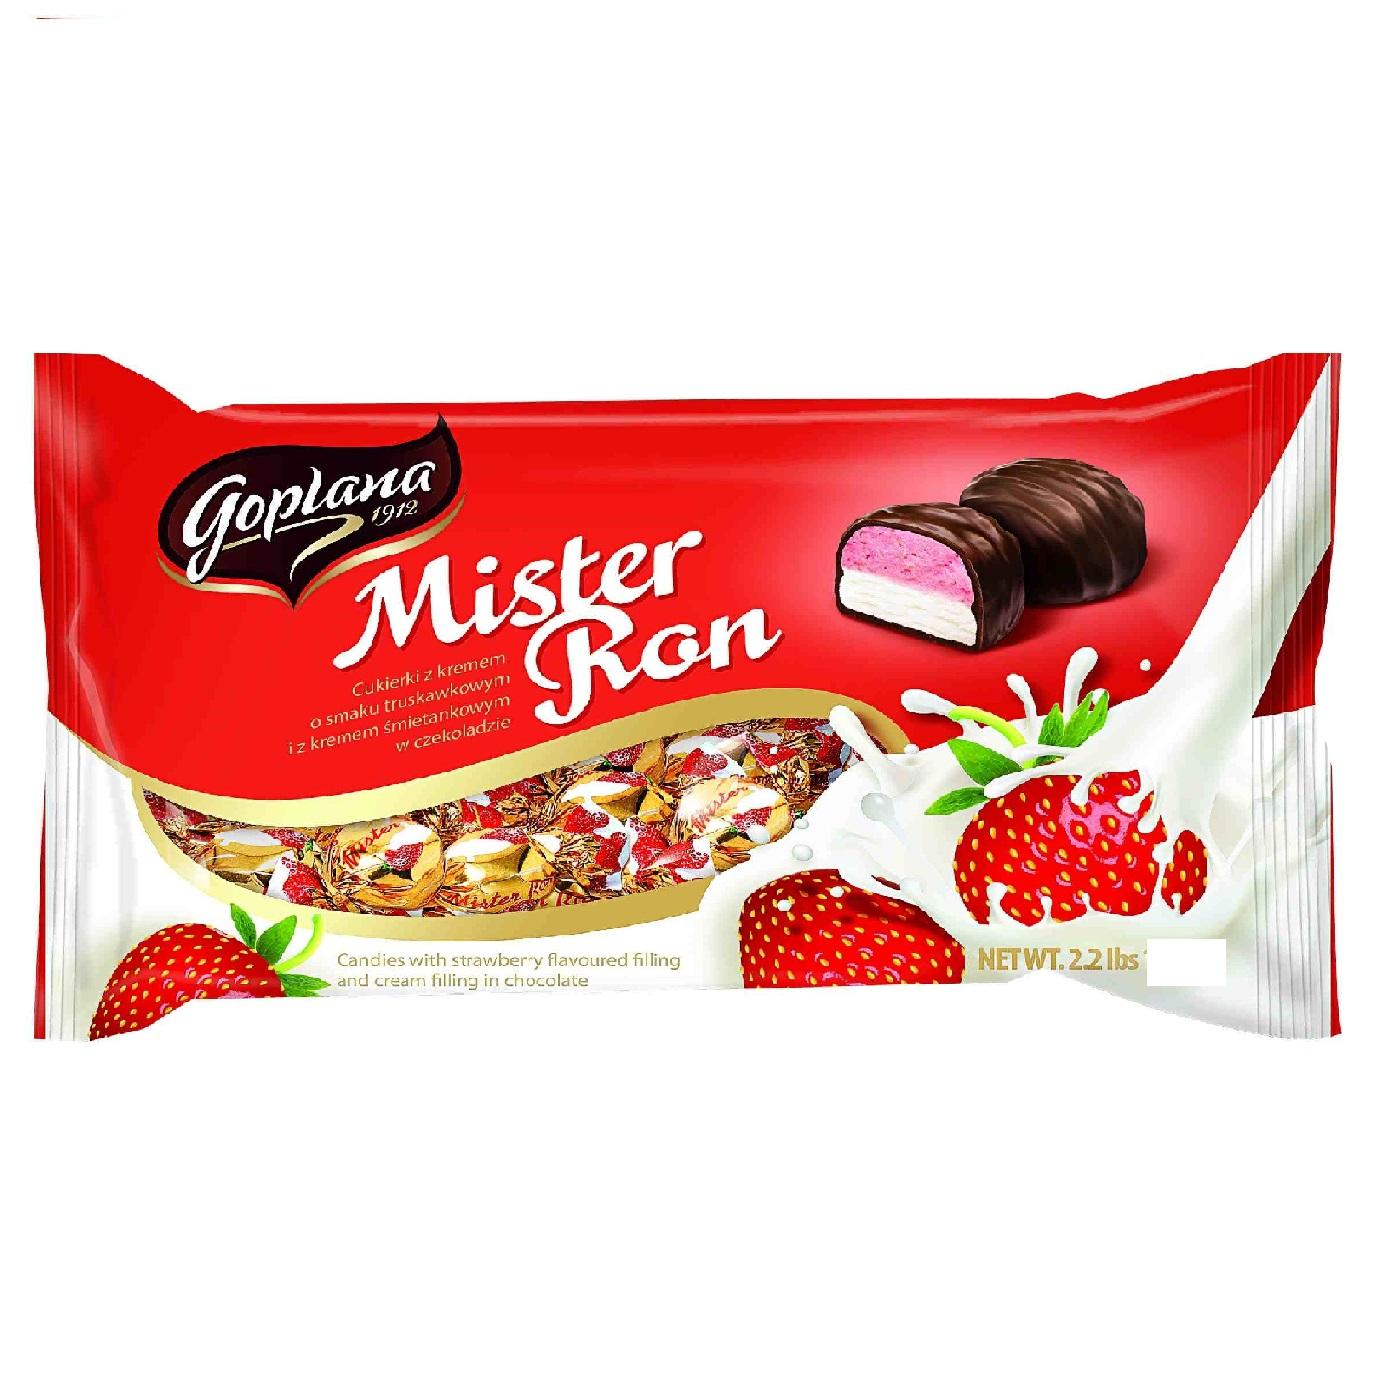 CUKIERKI MISTER RON - GOPLANA 500g